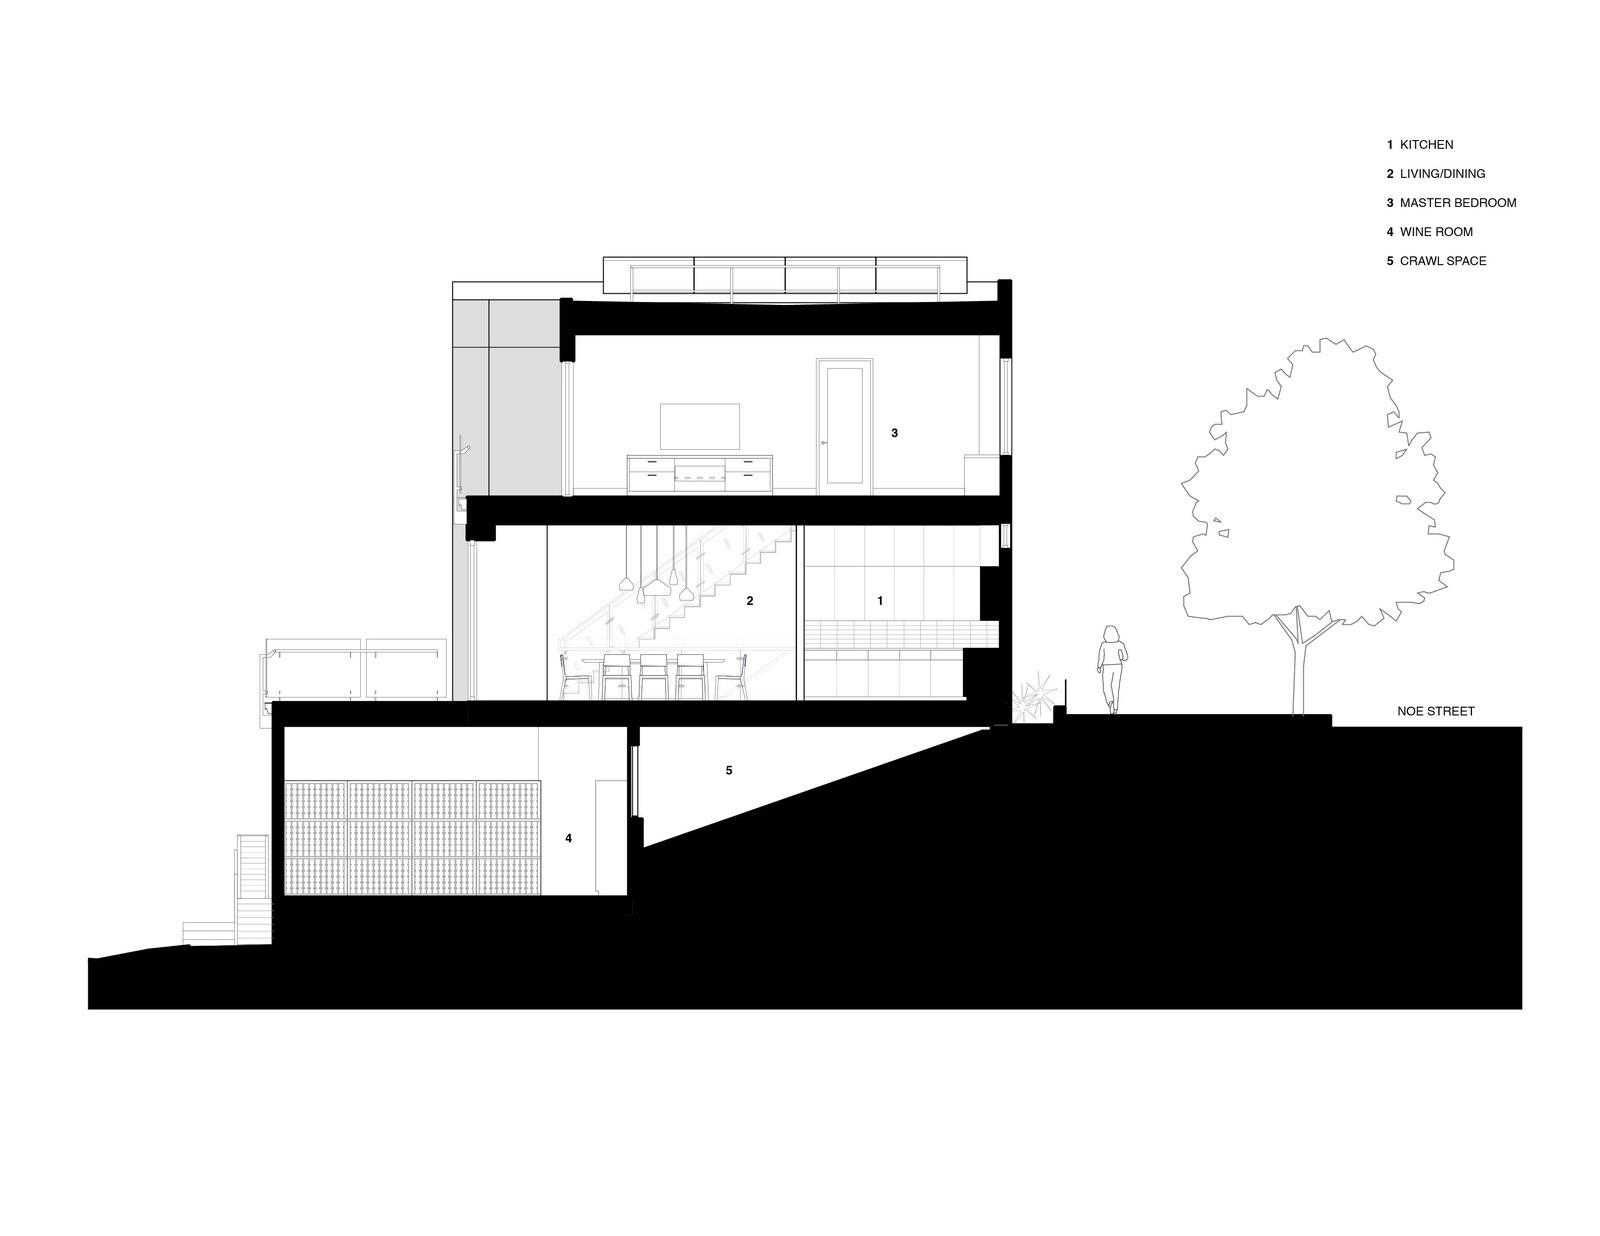 Noe-Residence-just3ds.com-18